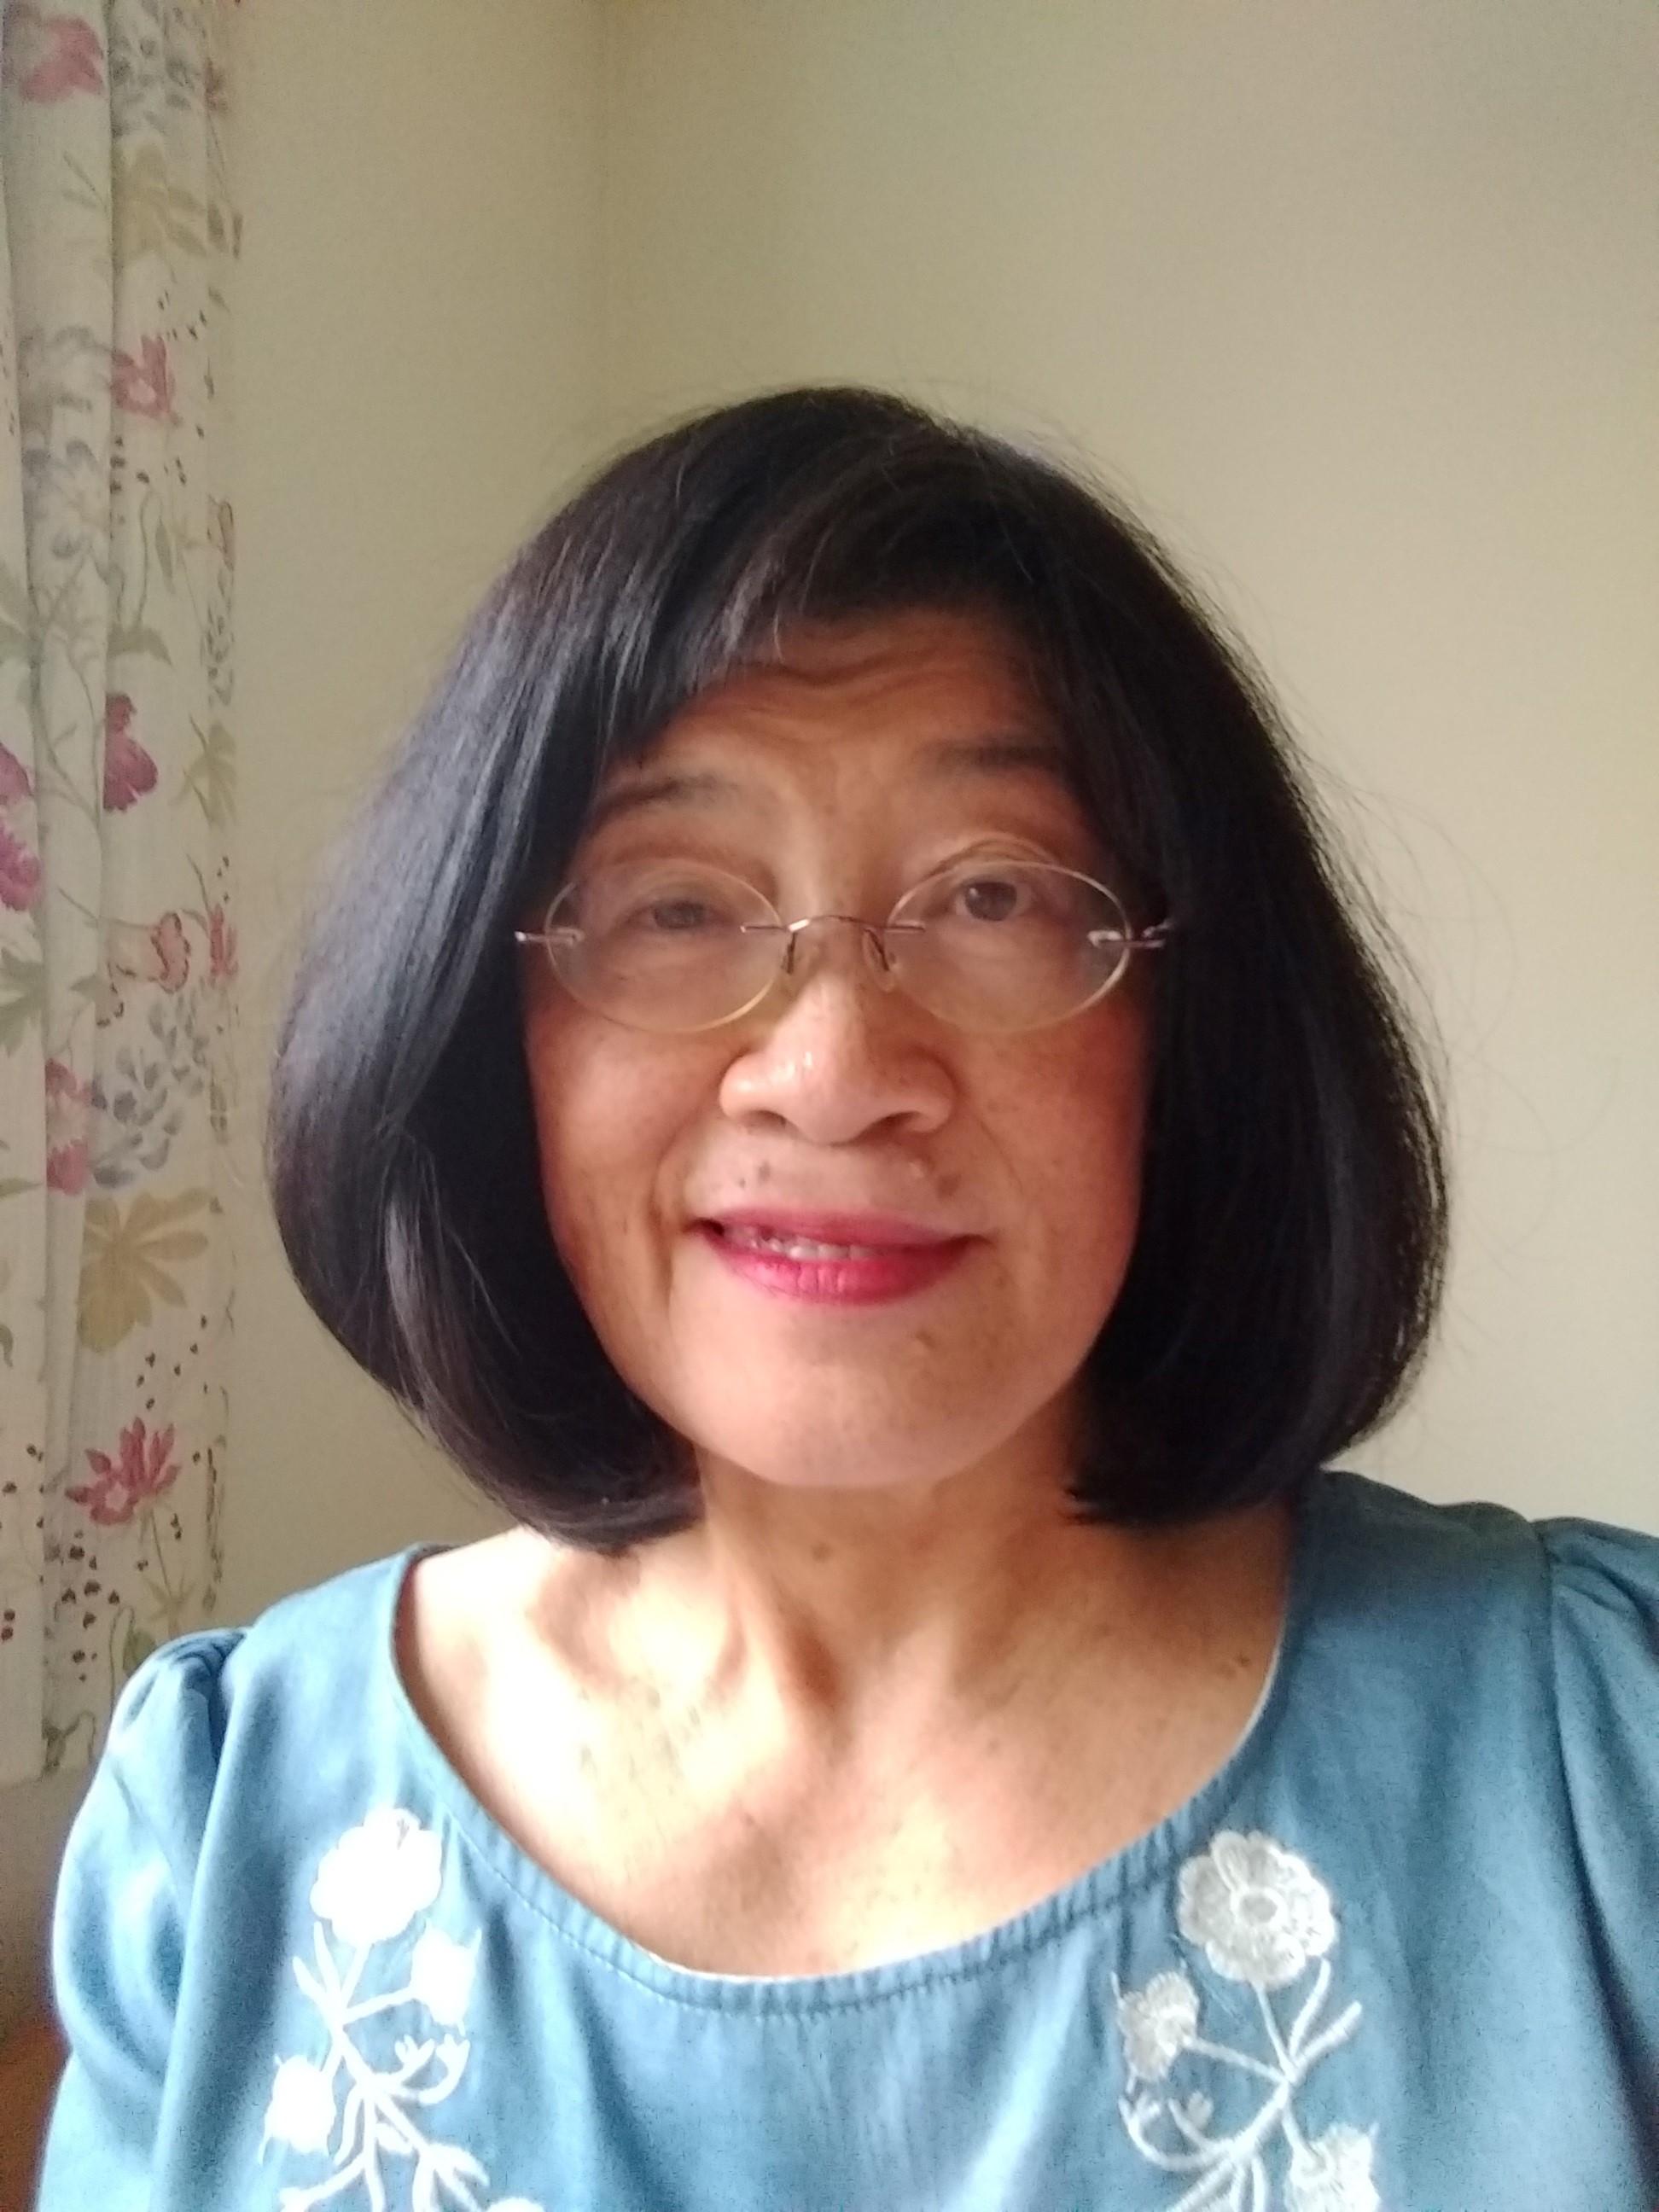 Mei Choate